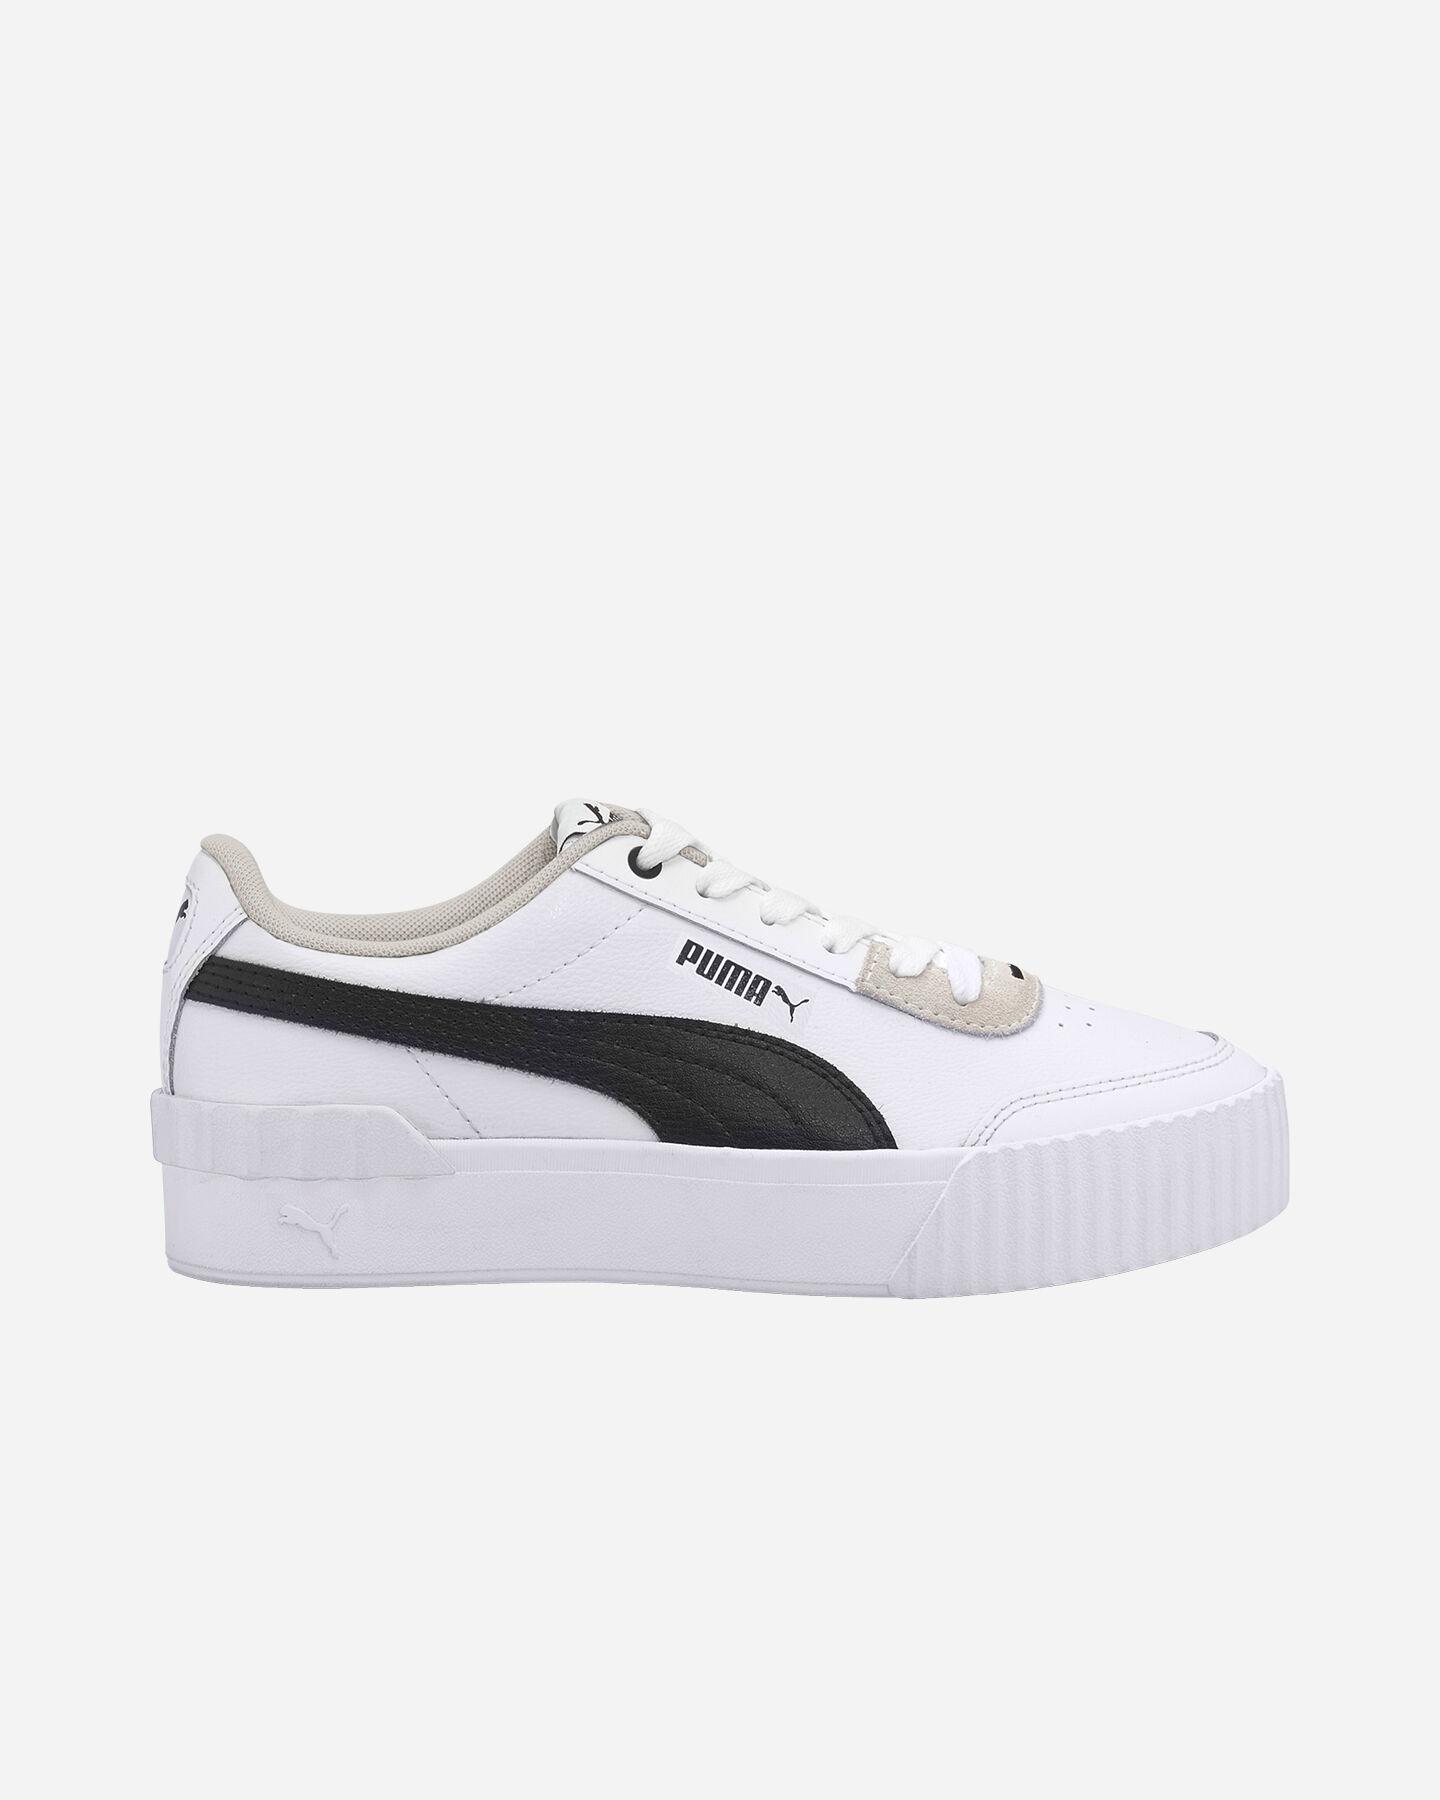 scarpe puma false,rajeshmotors.com